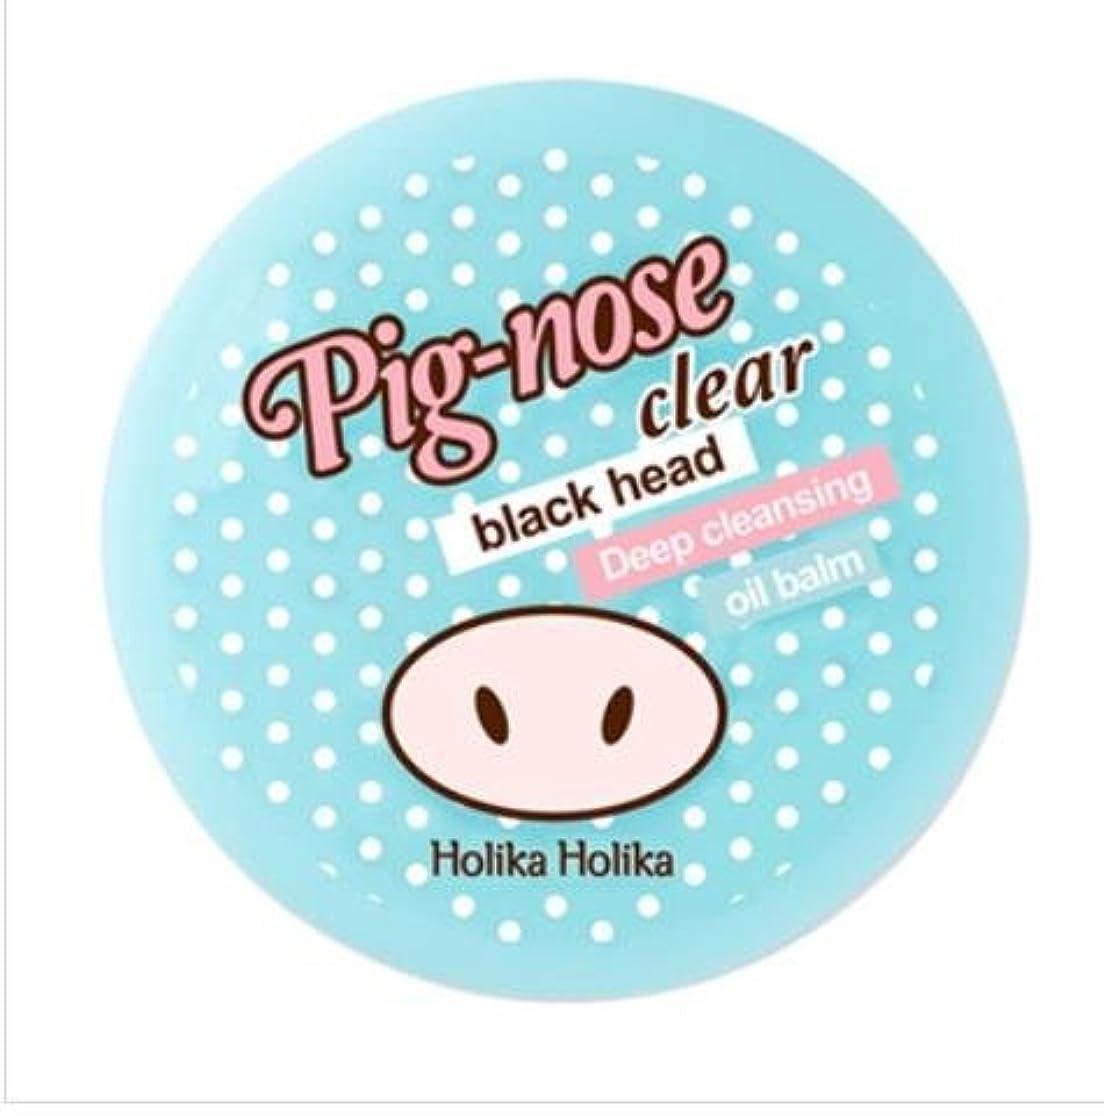 剥離ドラマ綺麗な[ホリカホリカ] Holika Holika [Pig Nose Clear Black Head Deep Cleansing Oil Balm] (ピッグノーズクリア ブラックヘッド ディープクレンジング オイルバーム...